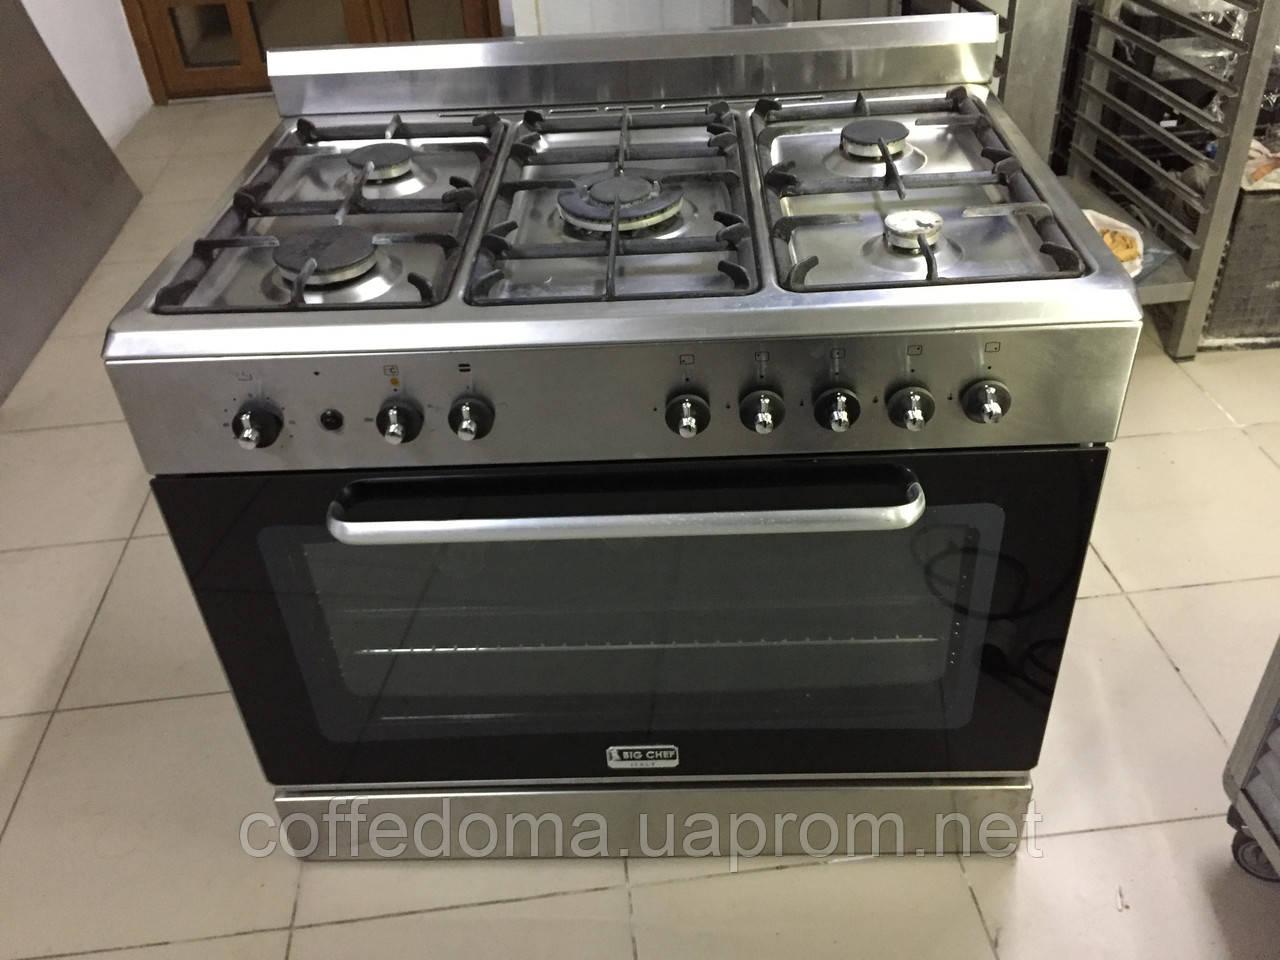 Big Chef профессиональная газовая плита на 5 конфорок